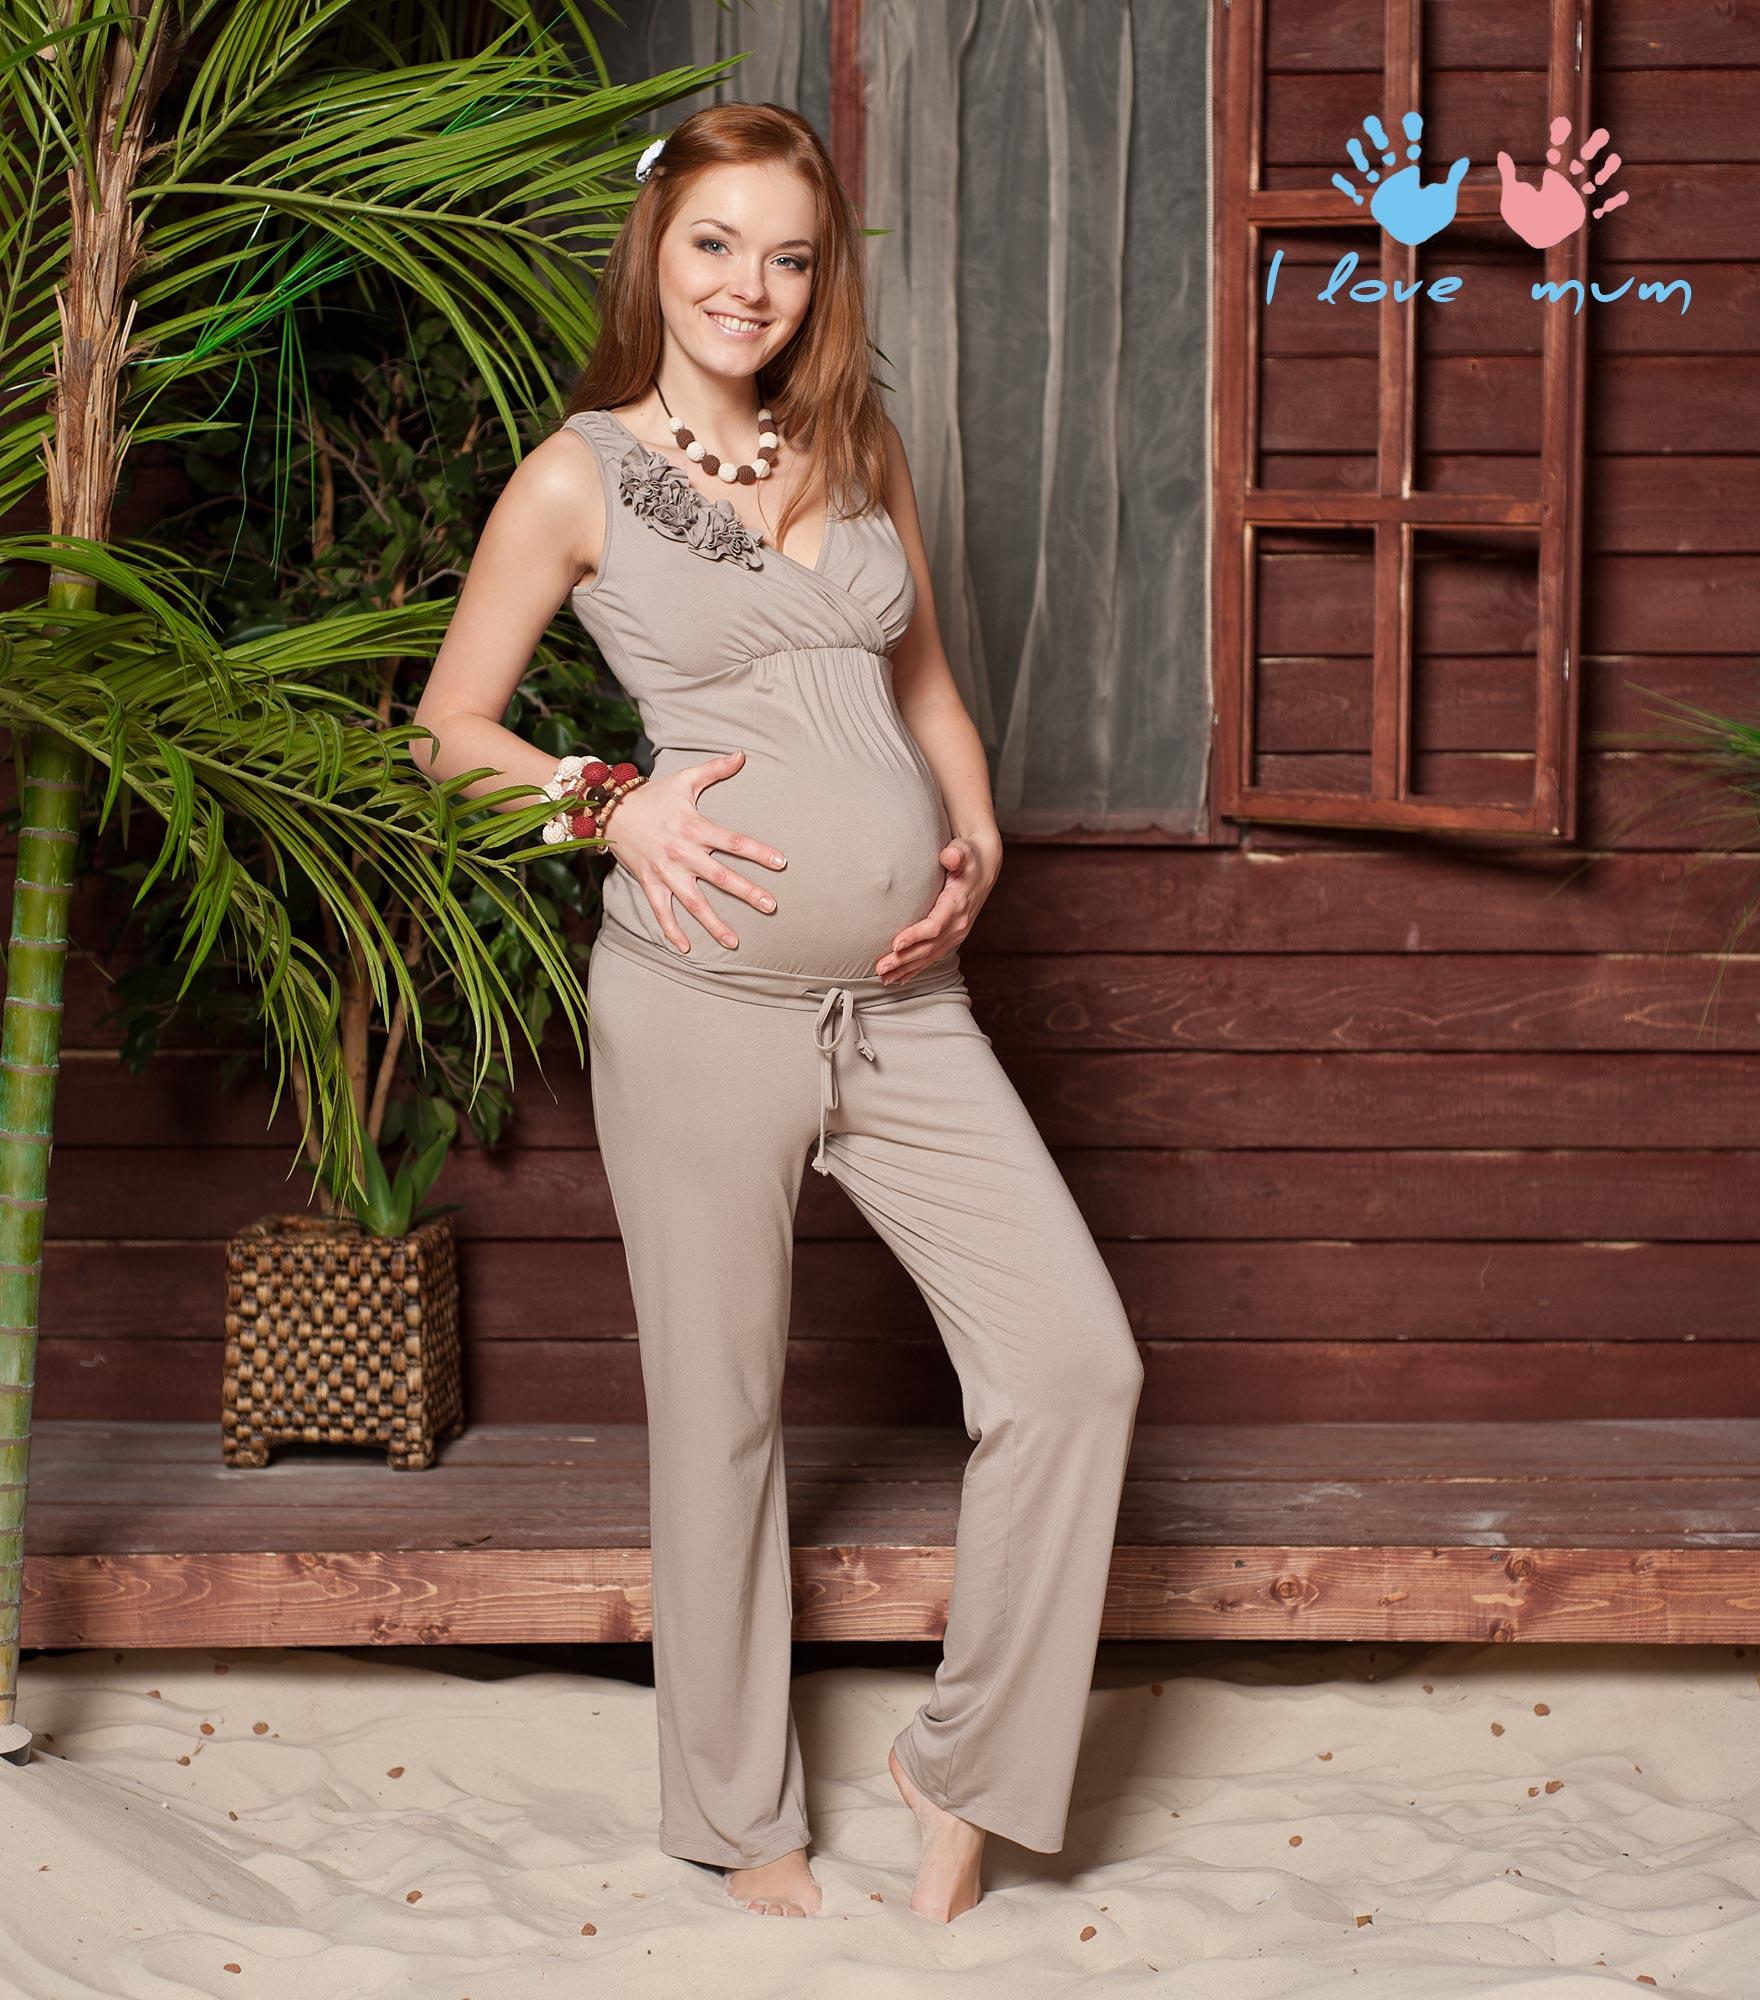 e44268c0295d9 Гардероб будущей мамы: выбираем одежду правильно | Интернет-магазин ...